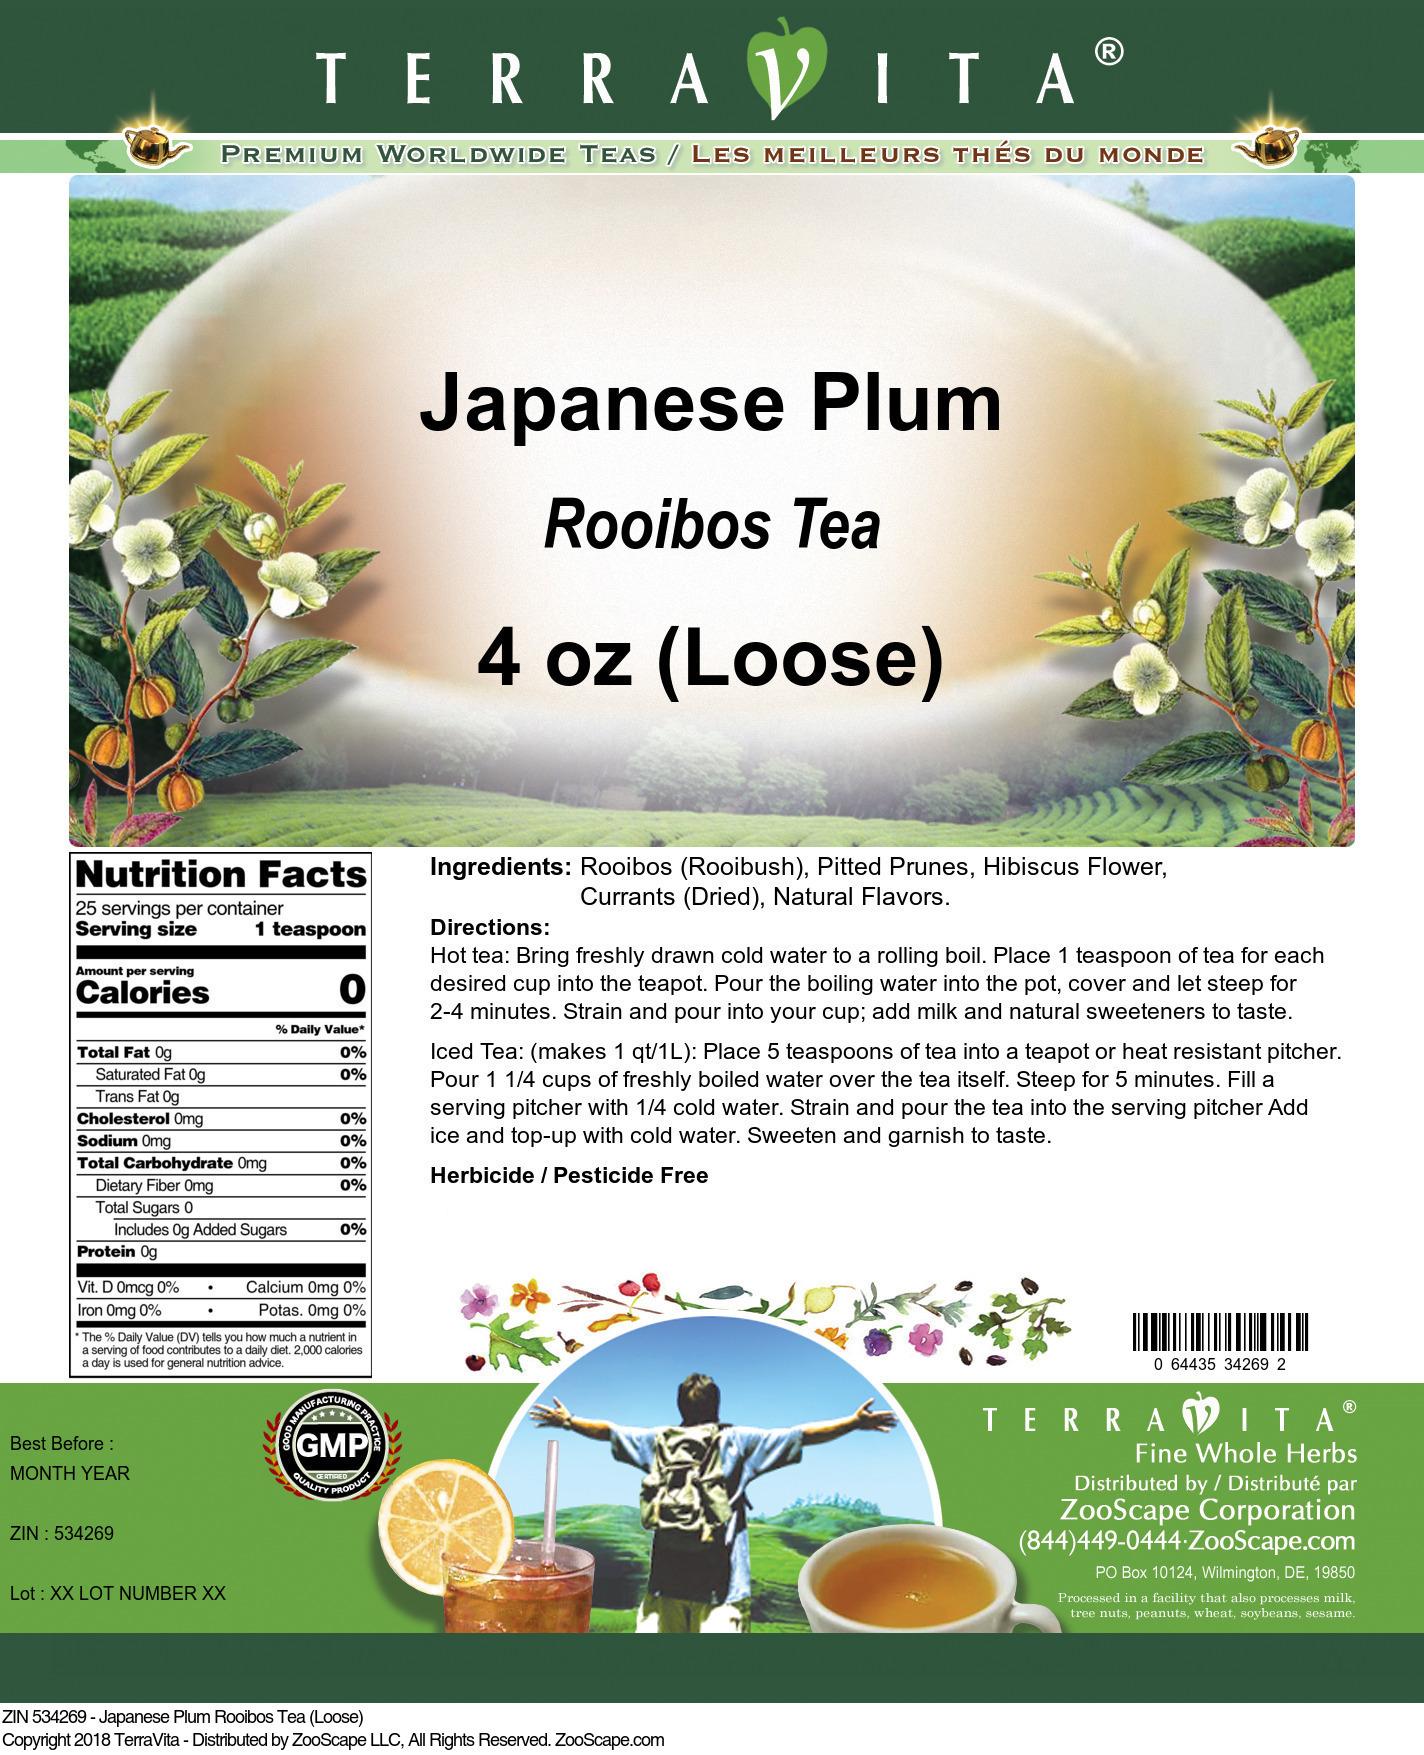 Japanese Plum Rooibos Tea (Loose)